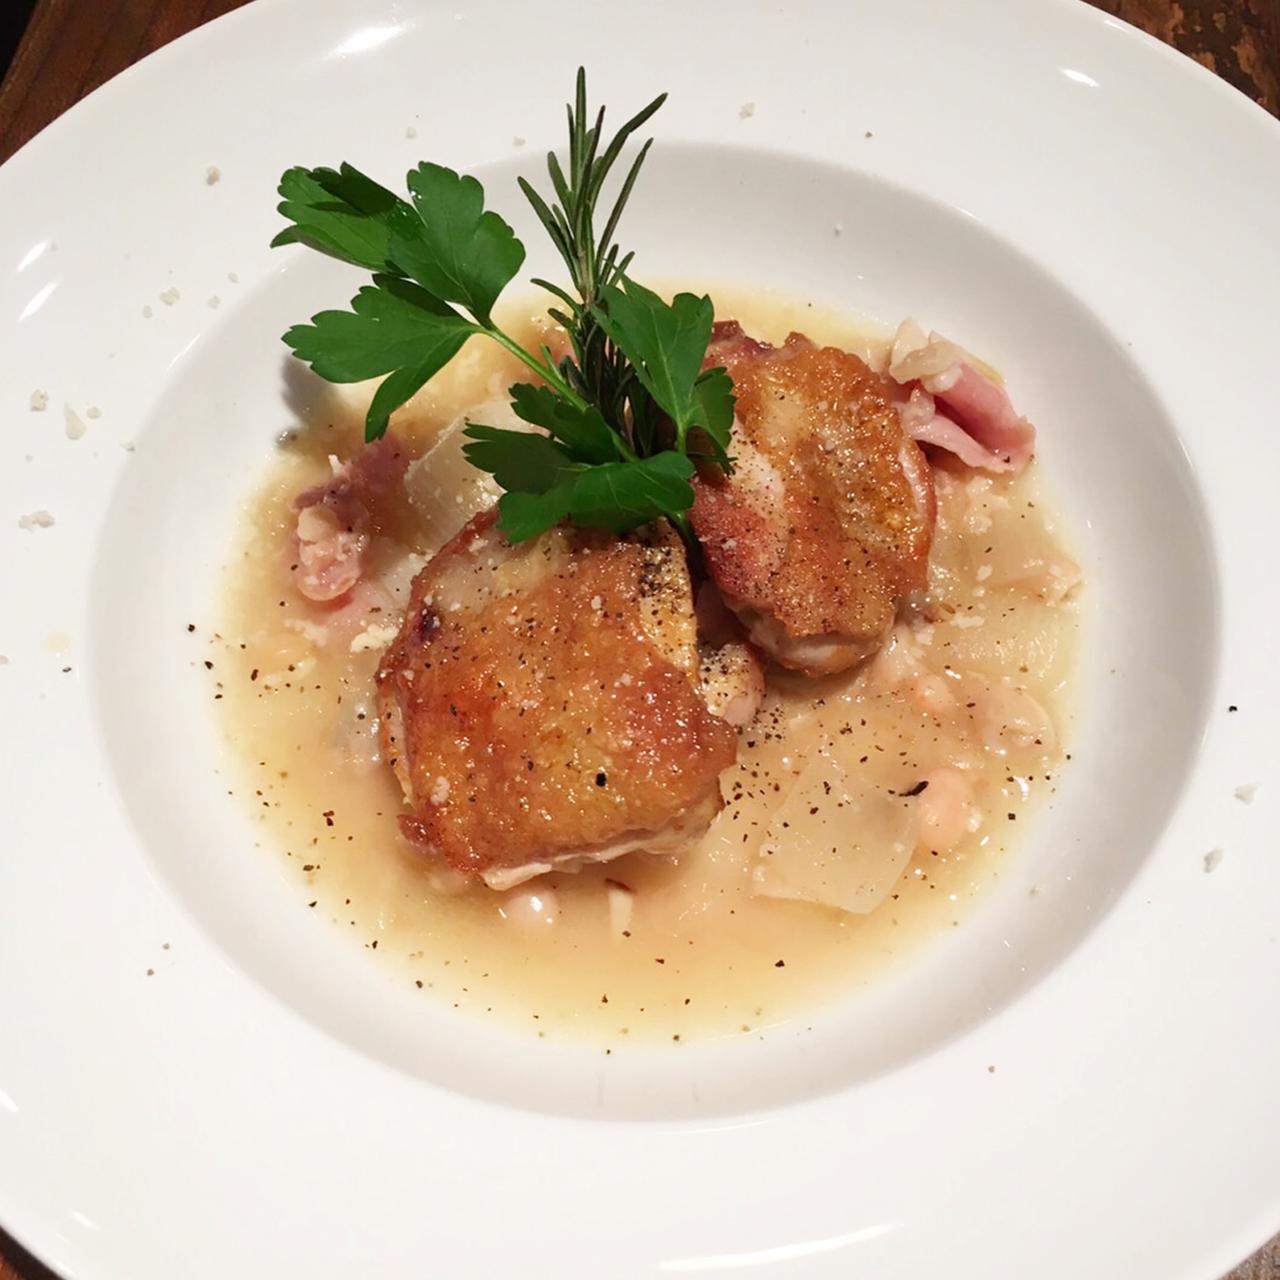 鶏モモ肉の鉄板焼き 白インゲン豆と生ハムのソース